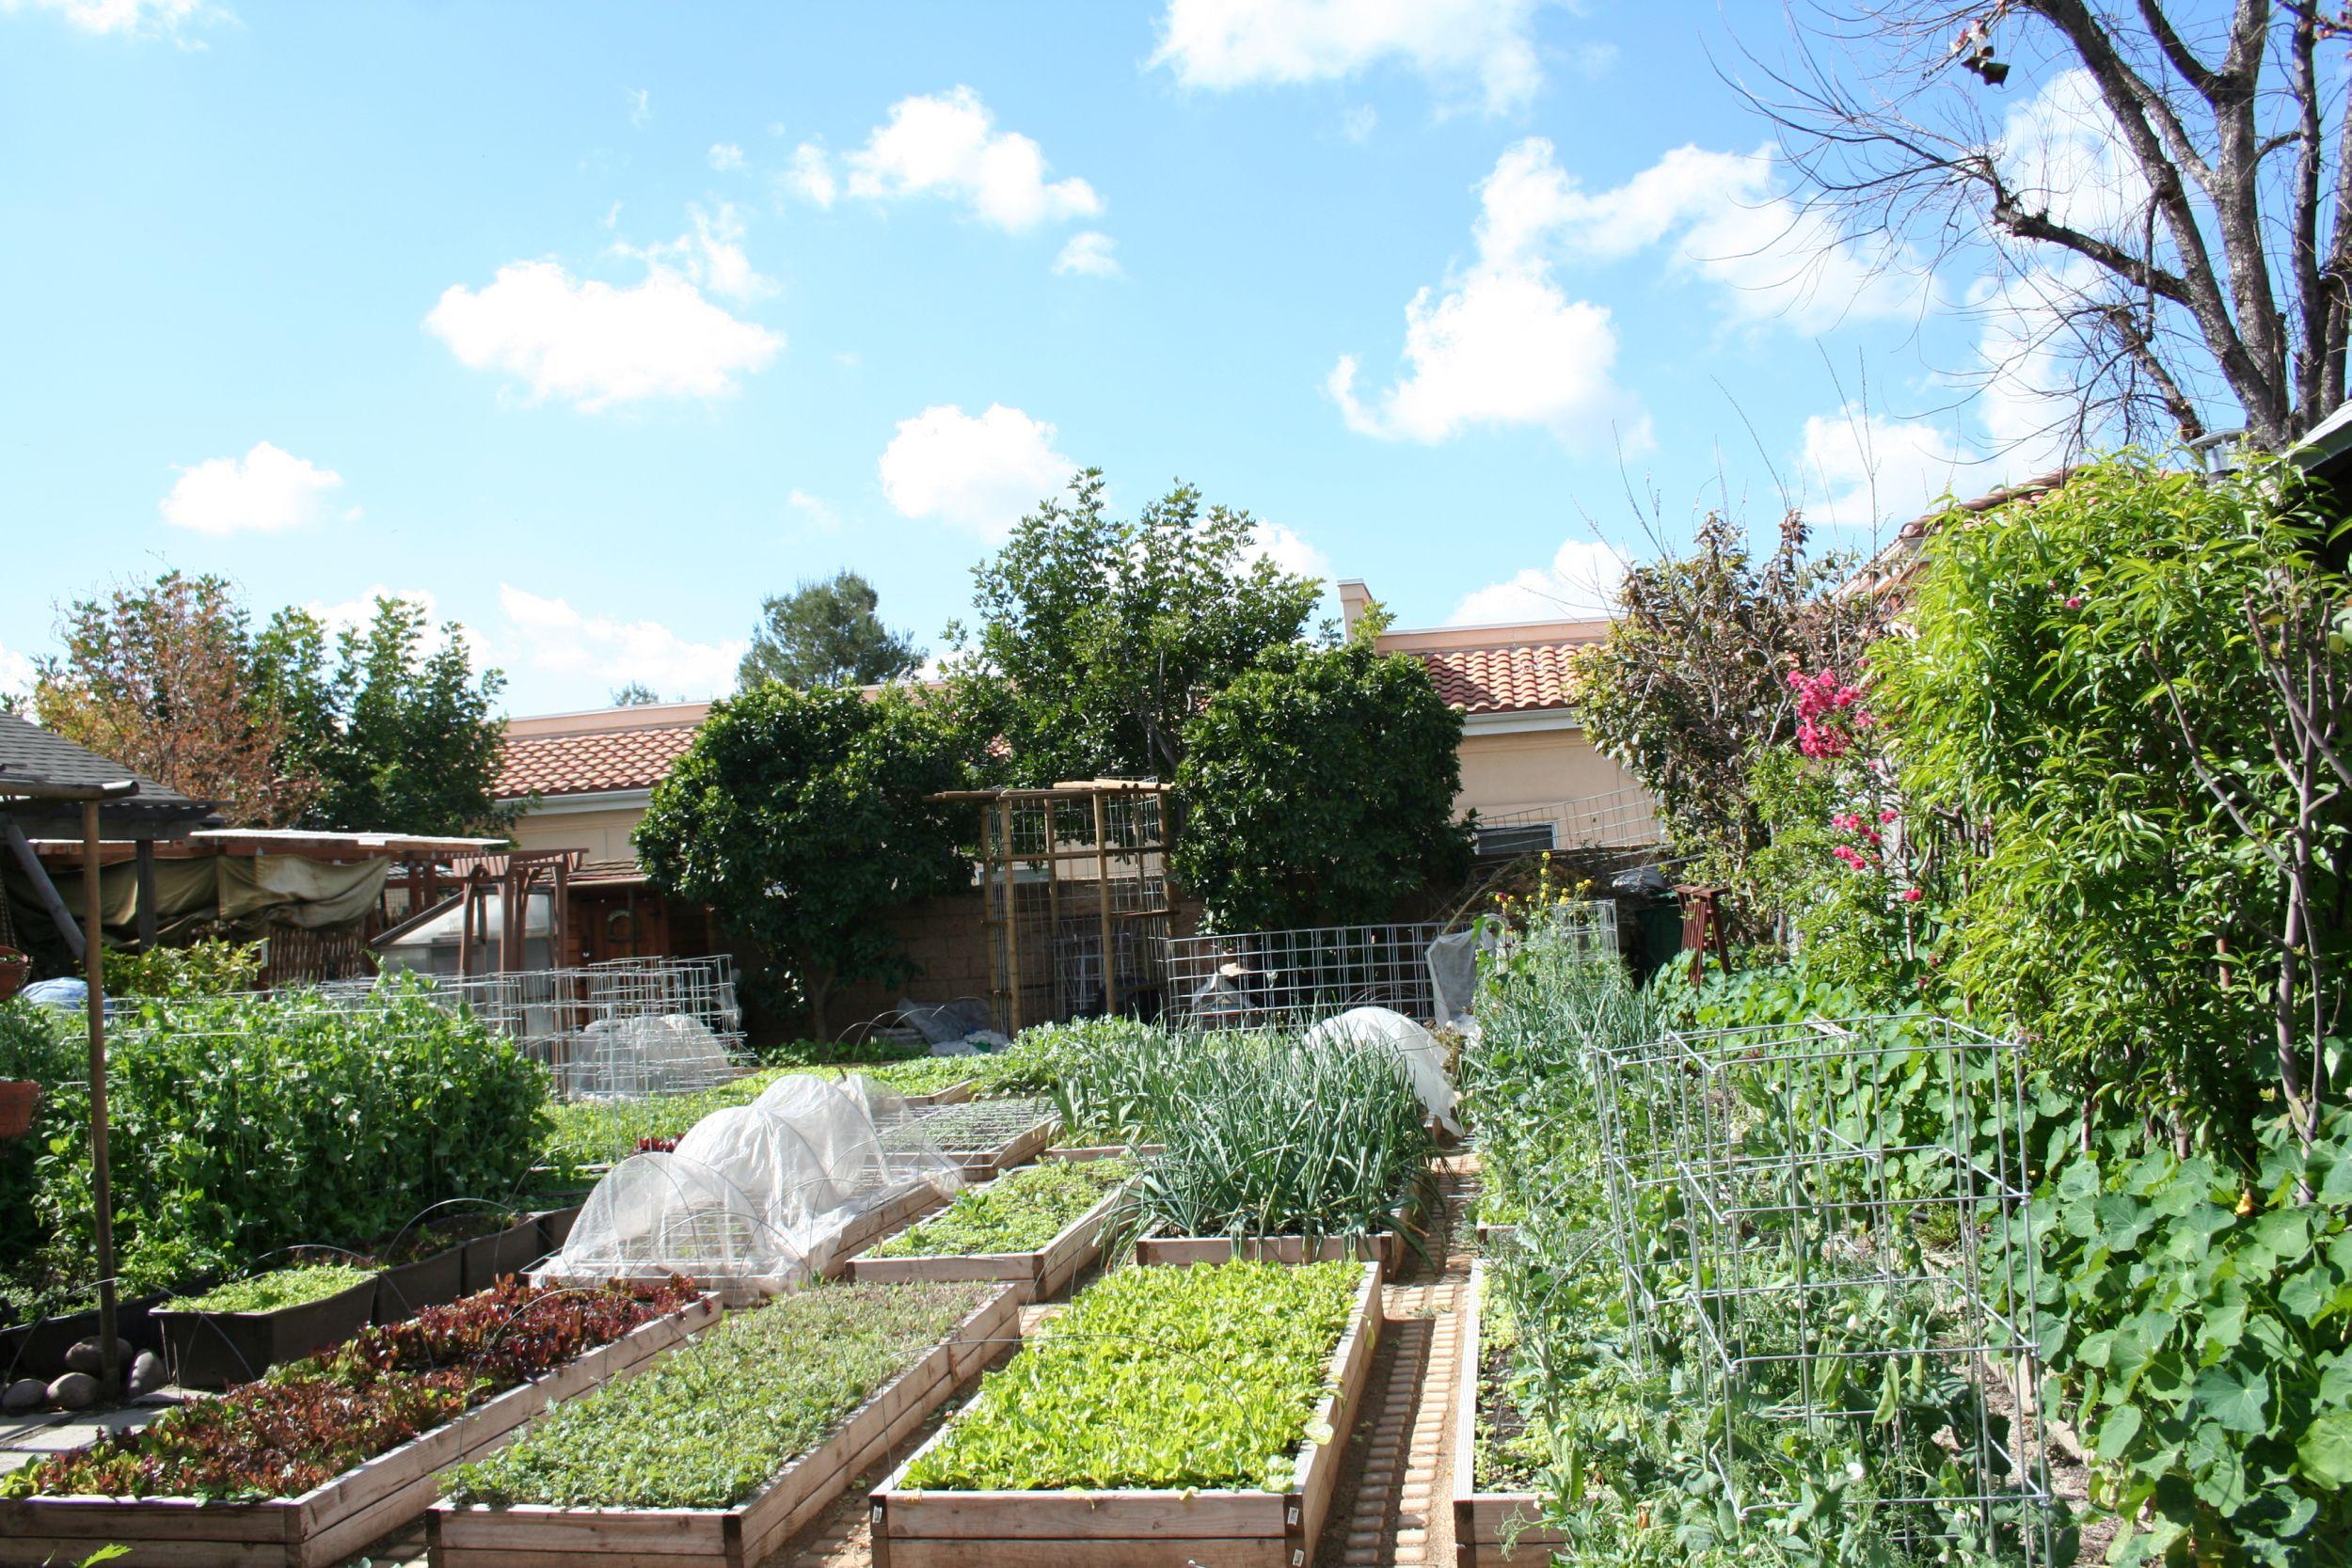 Casa da família  Dervaes em Los Angeles: jardim é um grande canteiro para o cultivo de vegetais.  Foto: The Urban Homesteaders / Divulgação